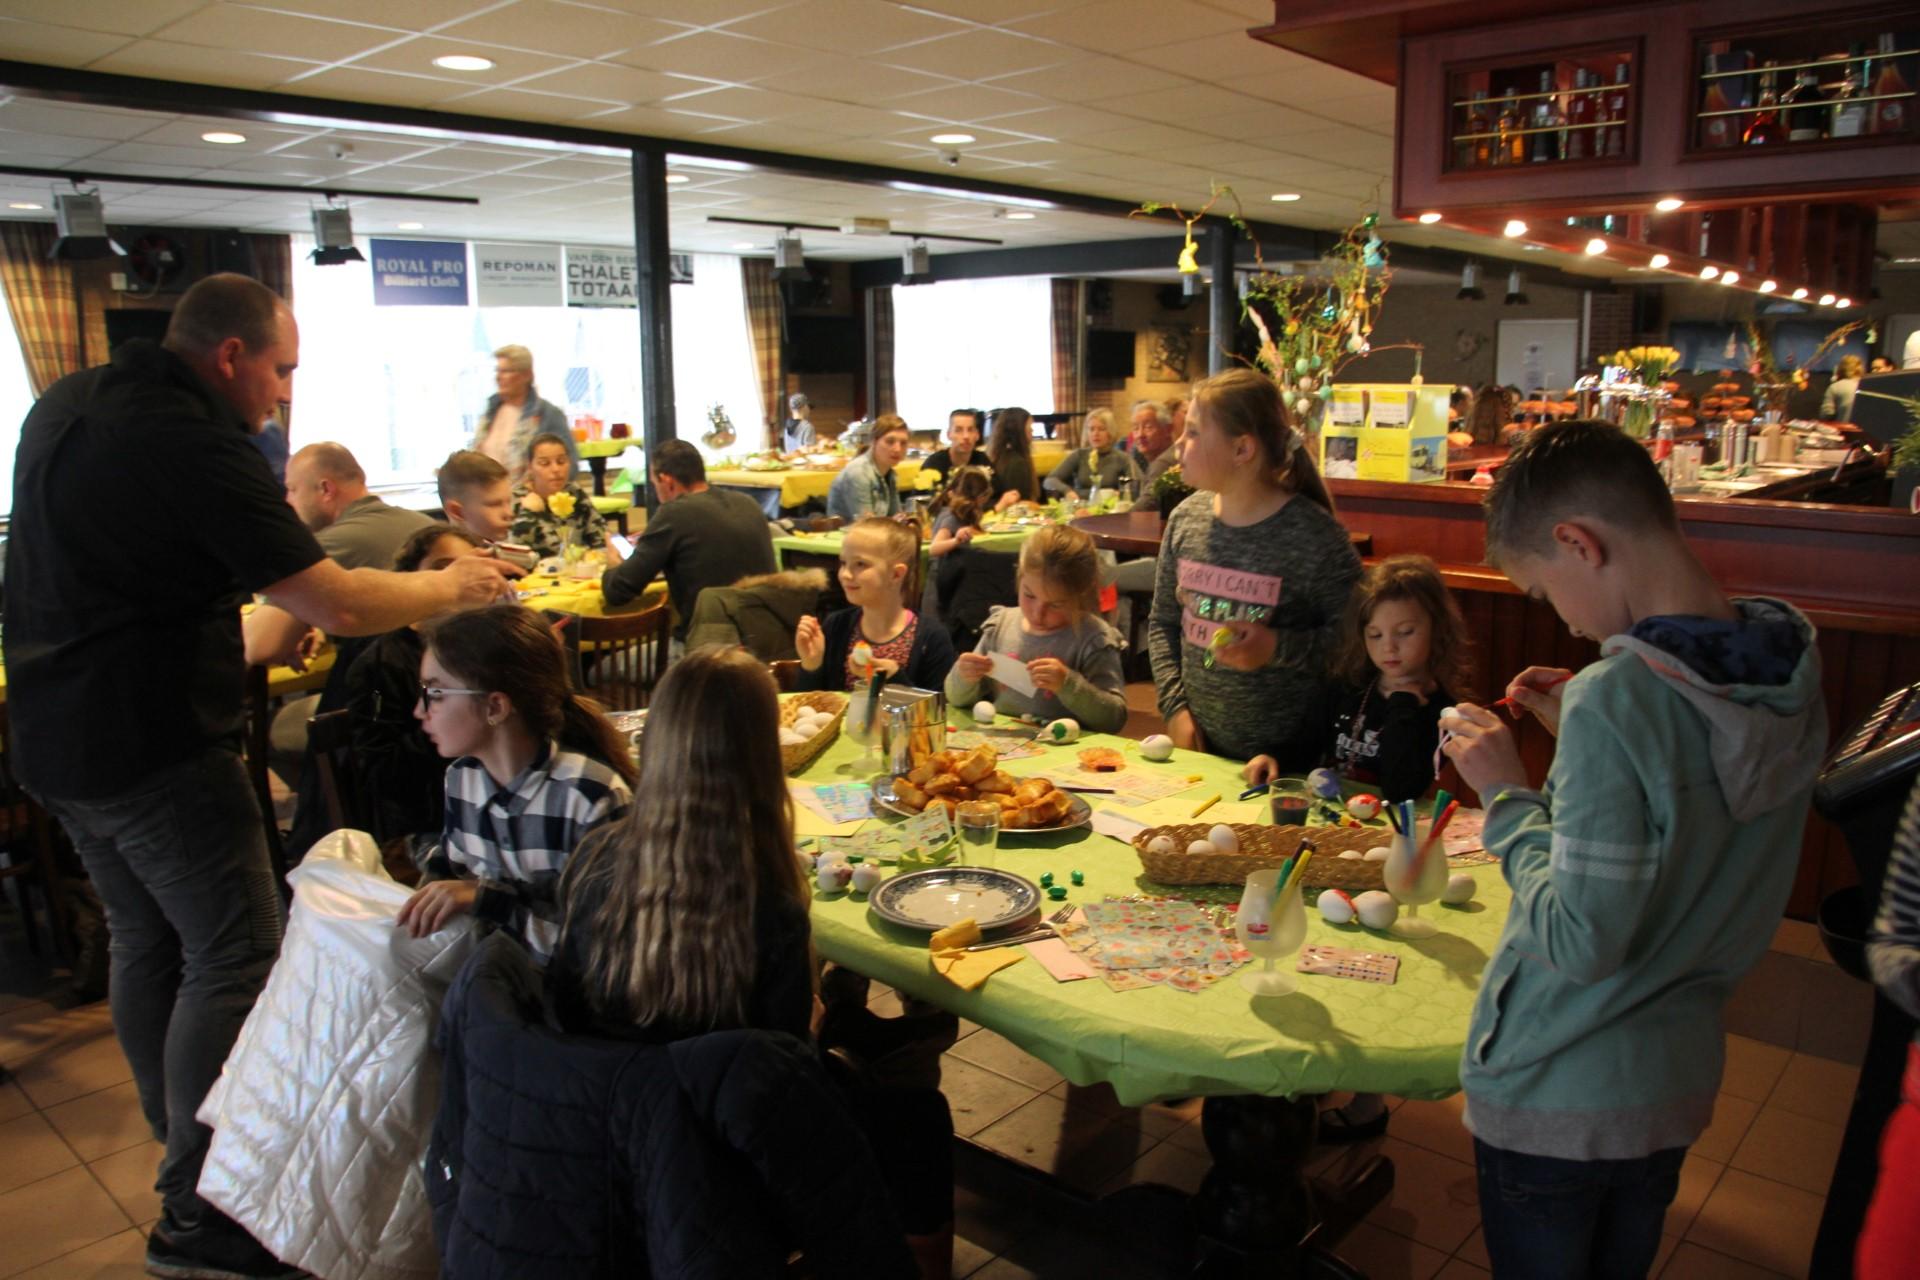 Lunchen in de kantine - Camping de Eekhoorn